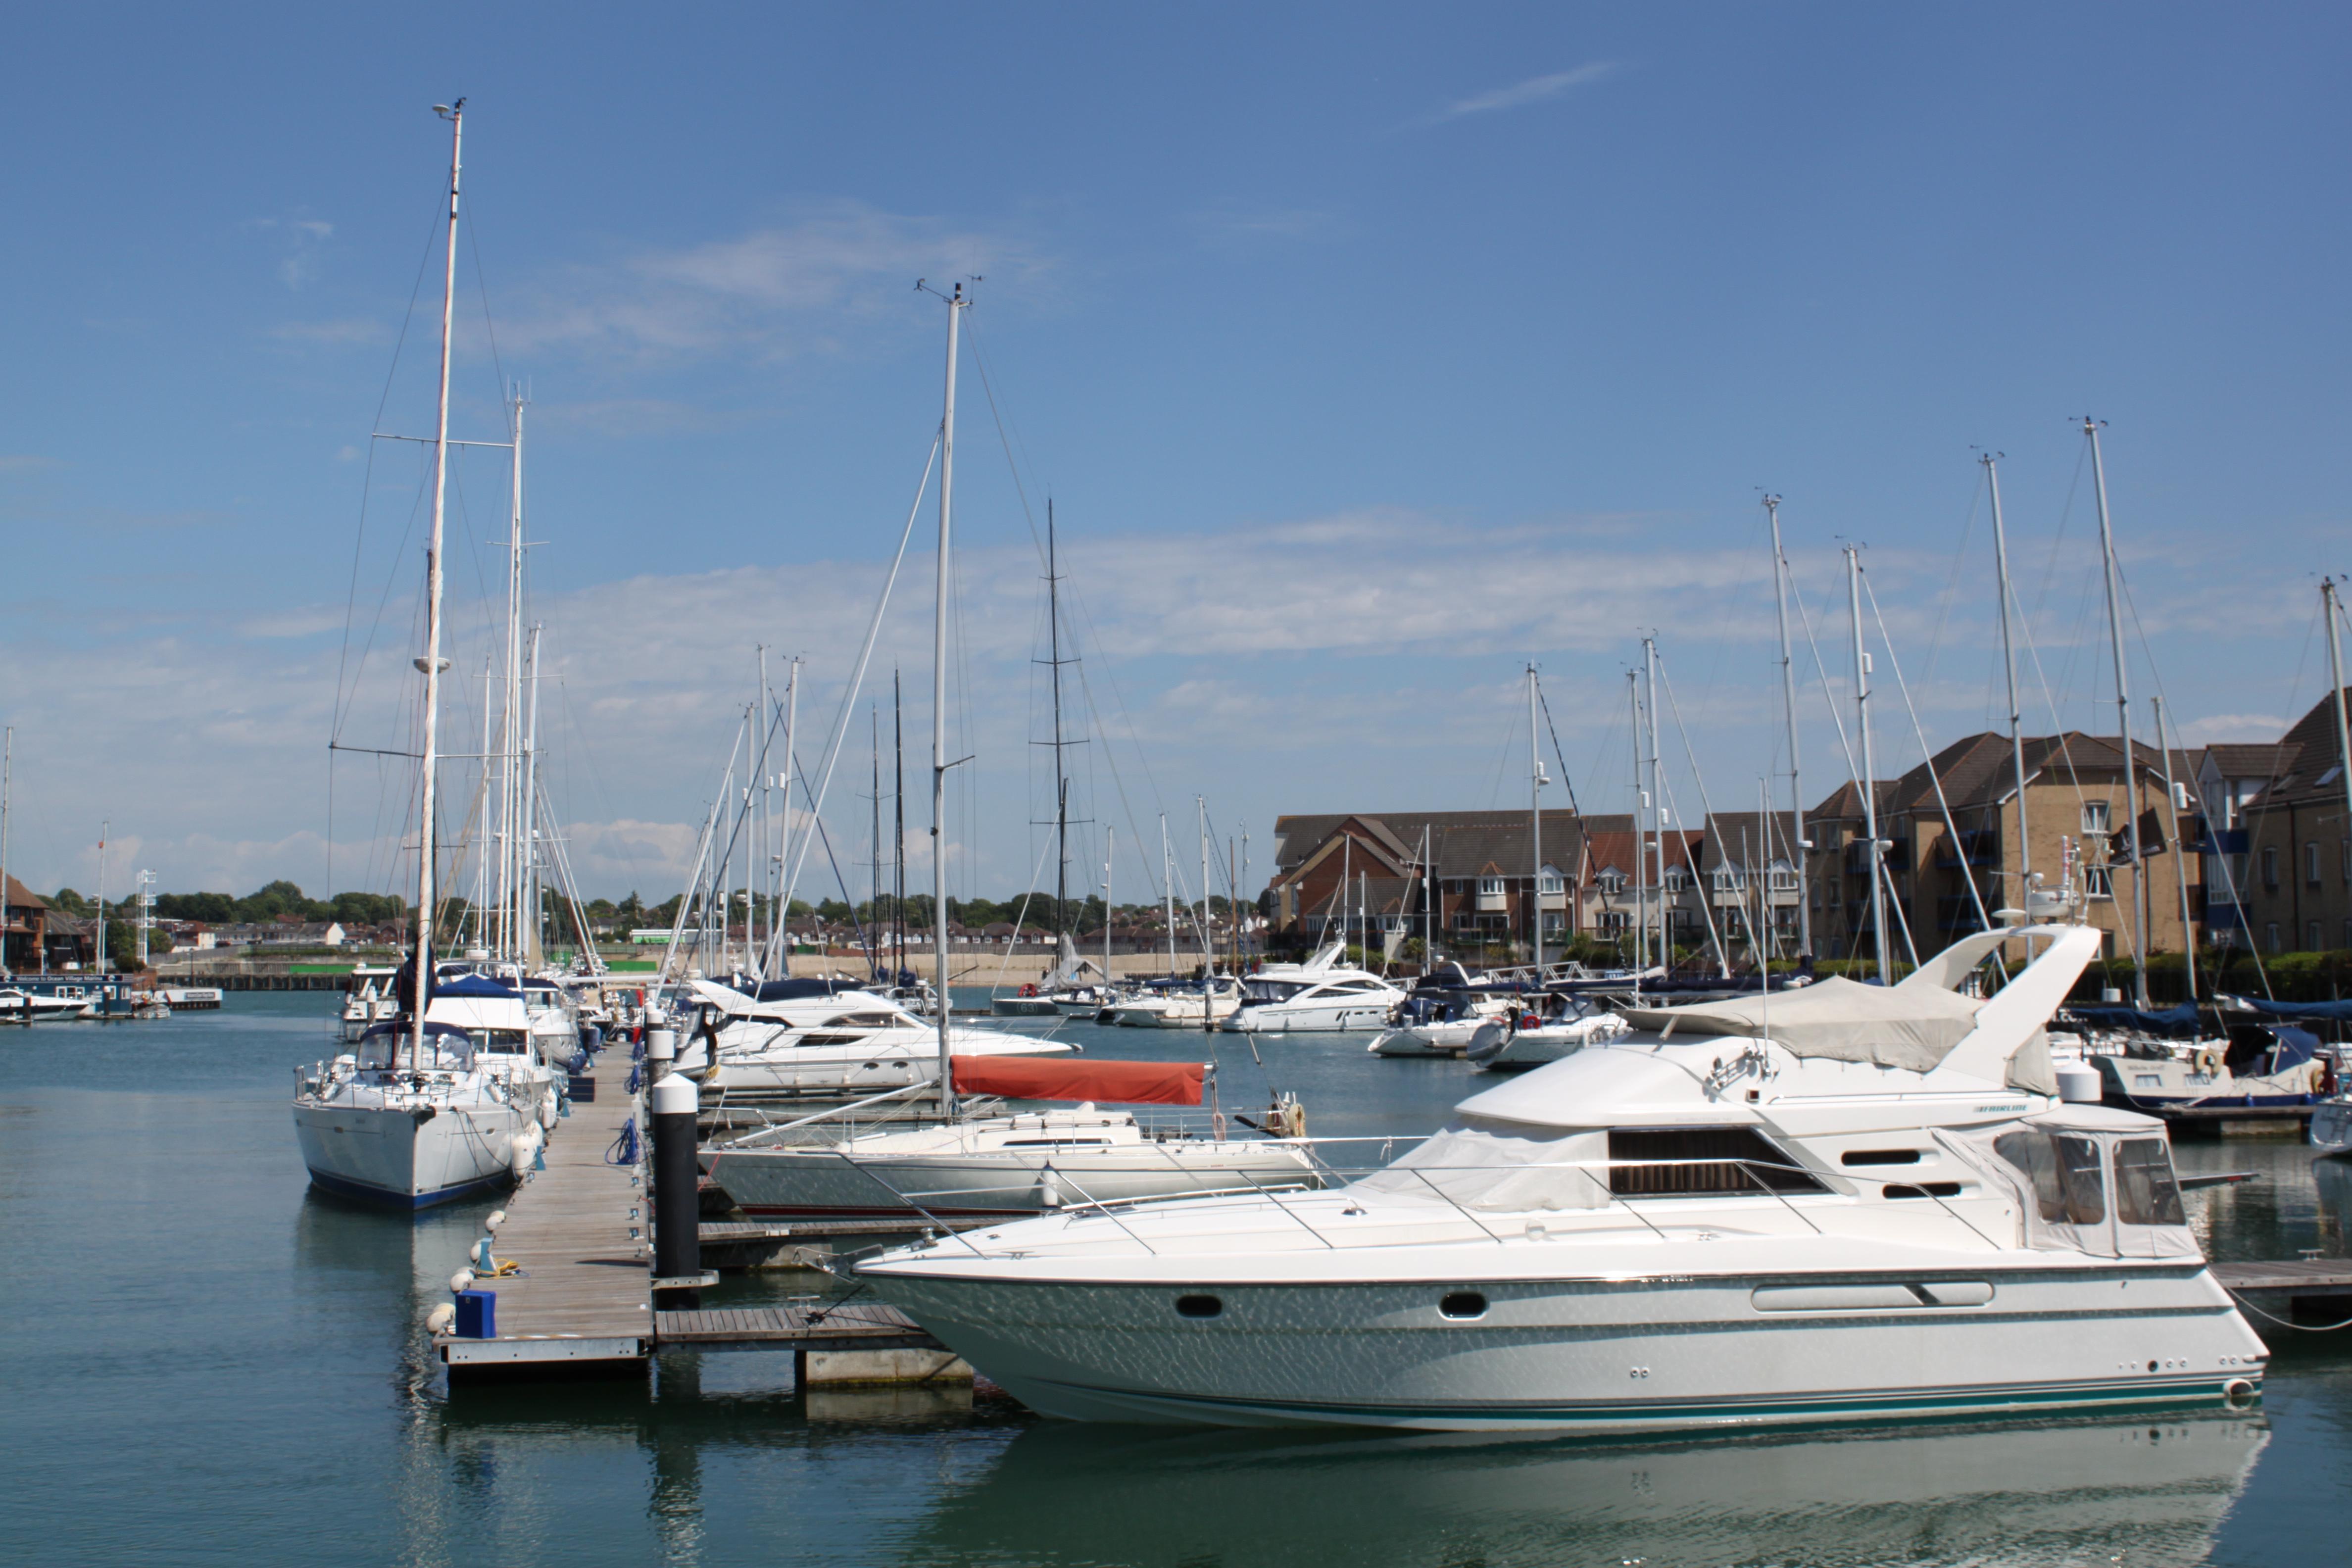 Boats at pier photo